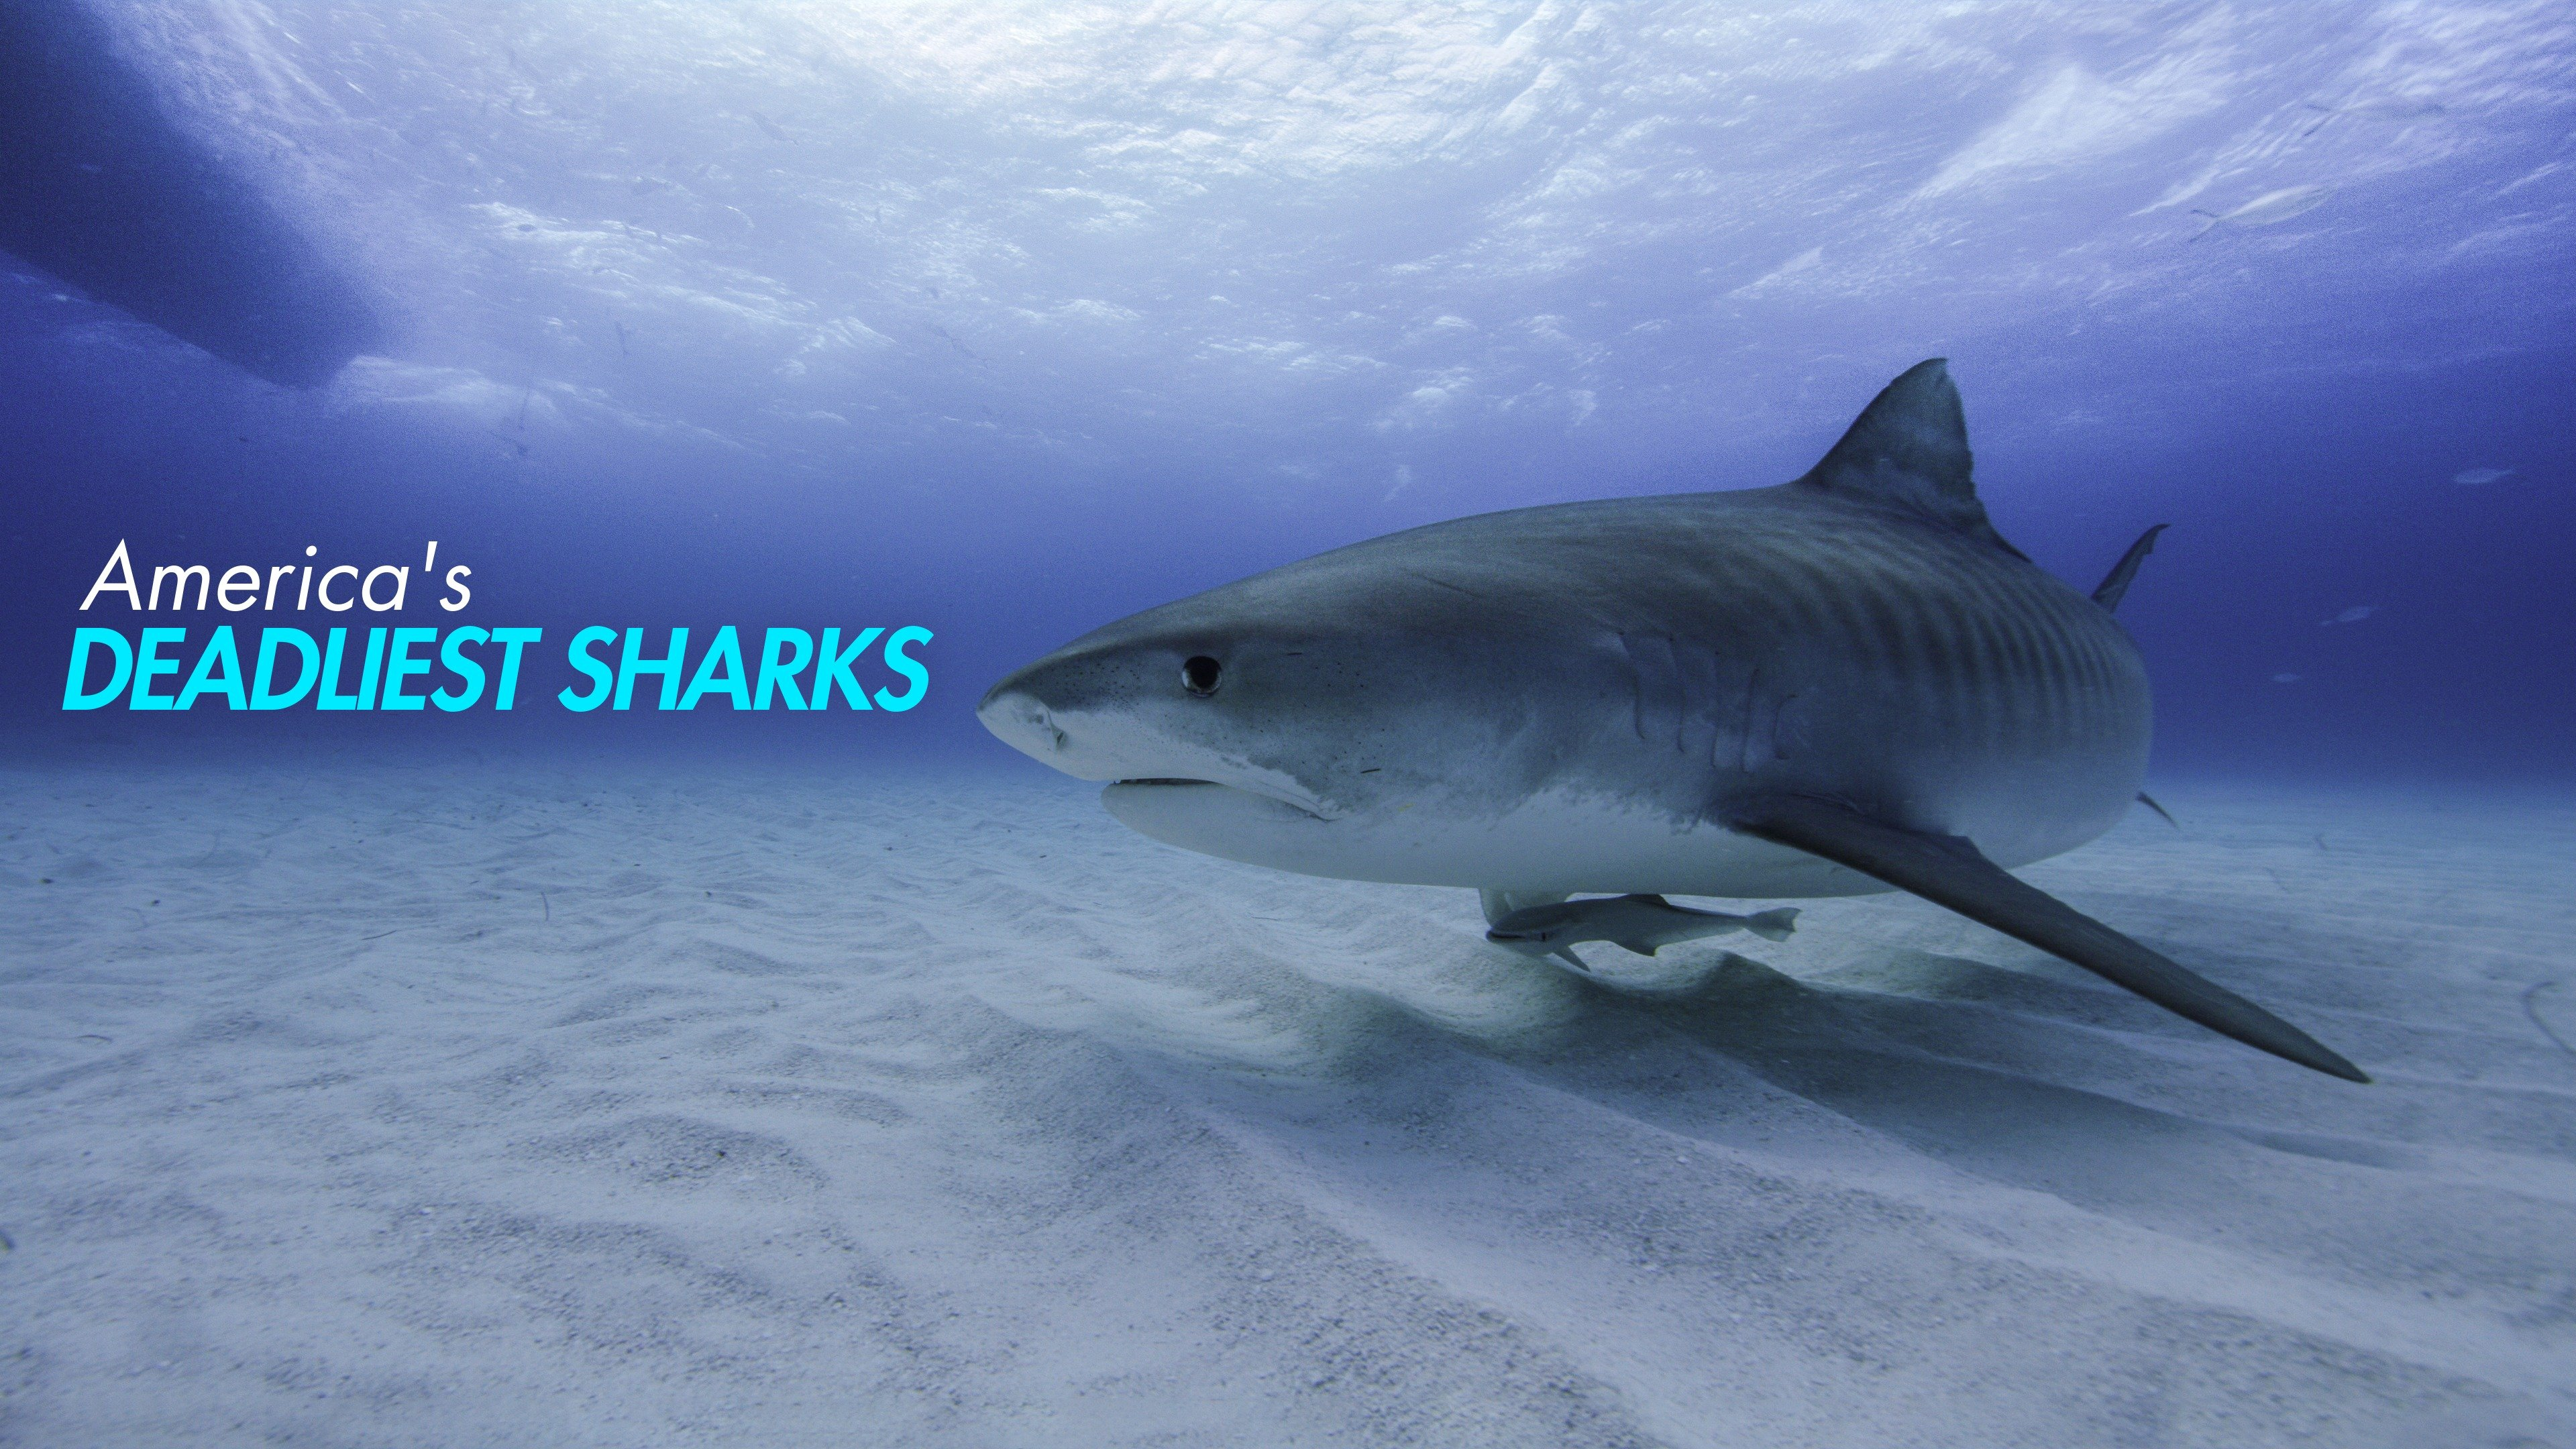 America's Deadliest Sharks